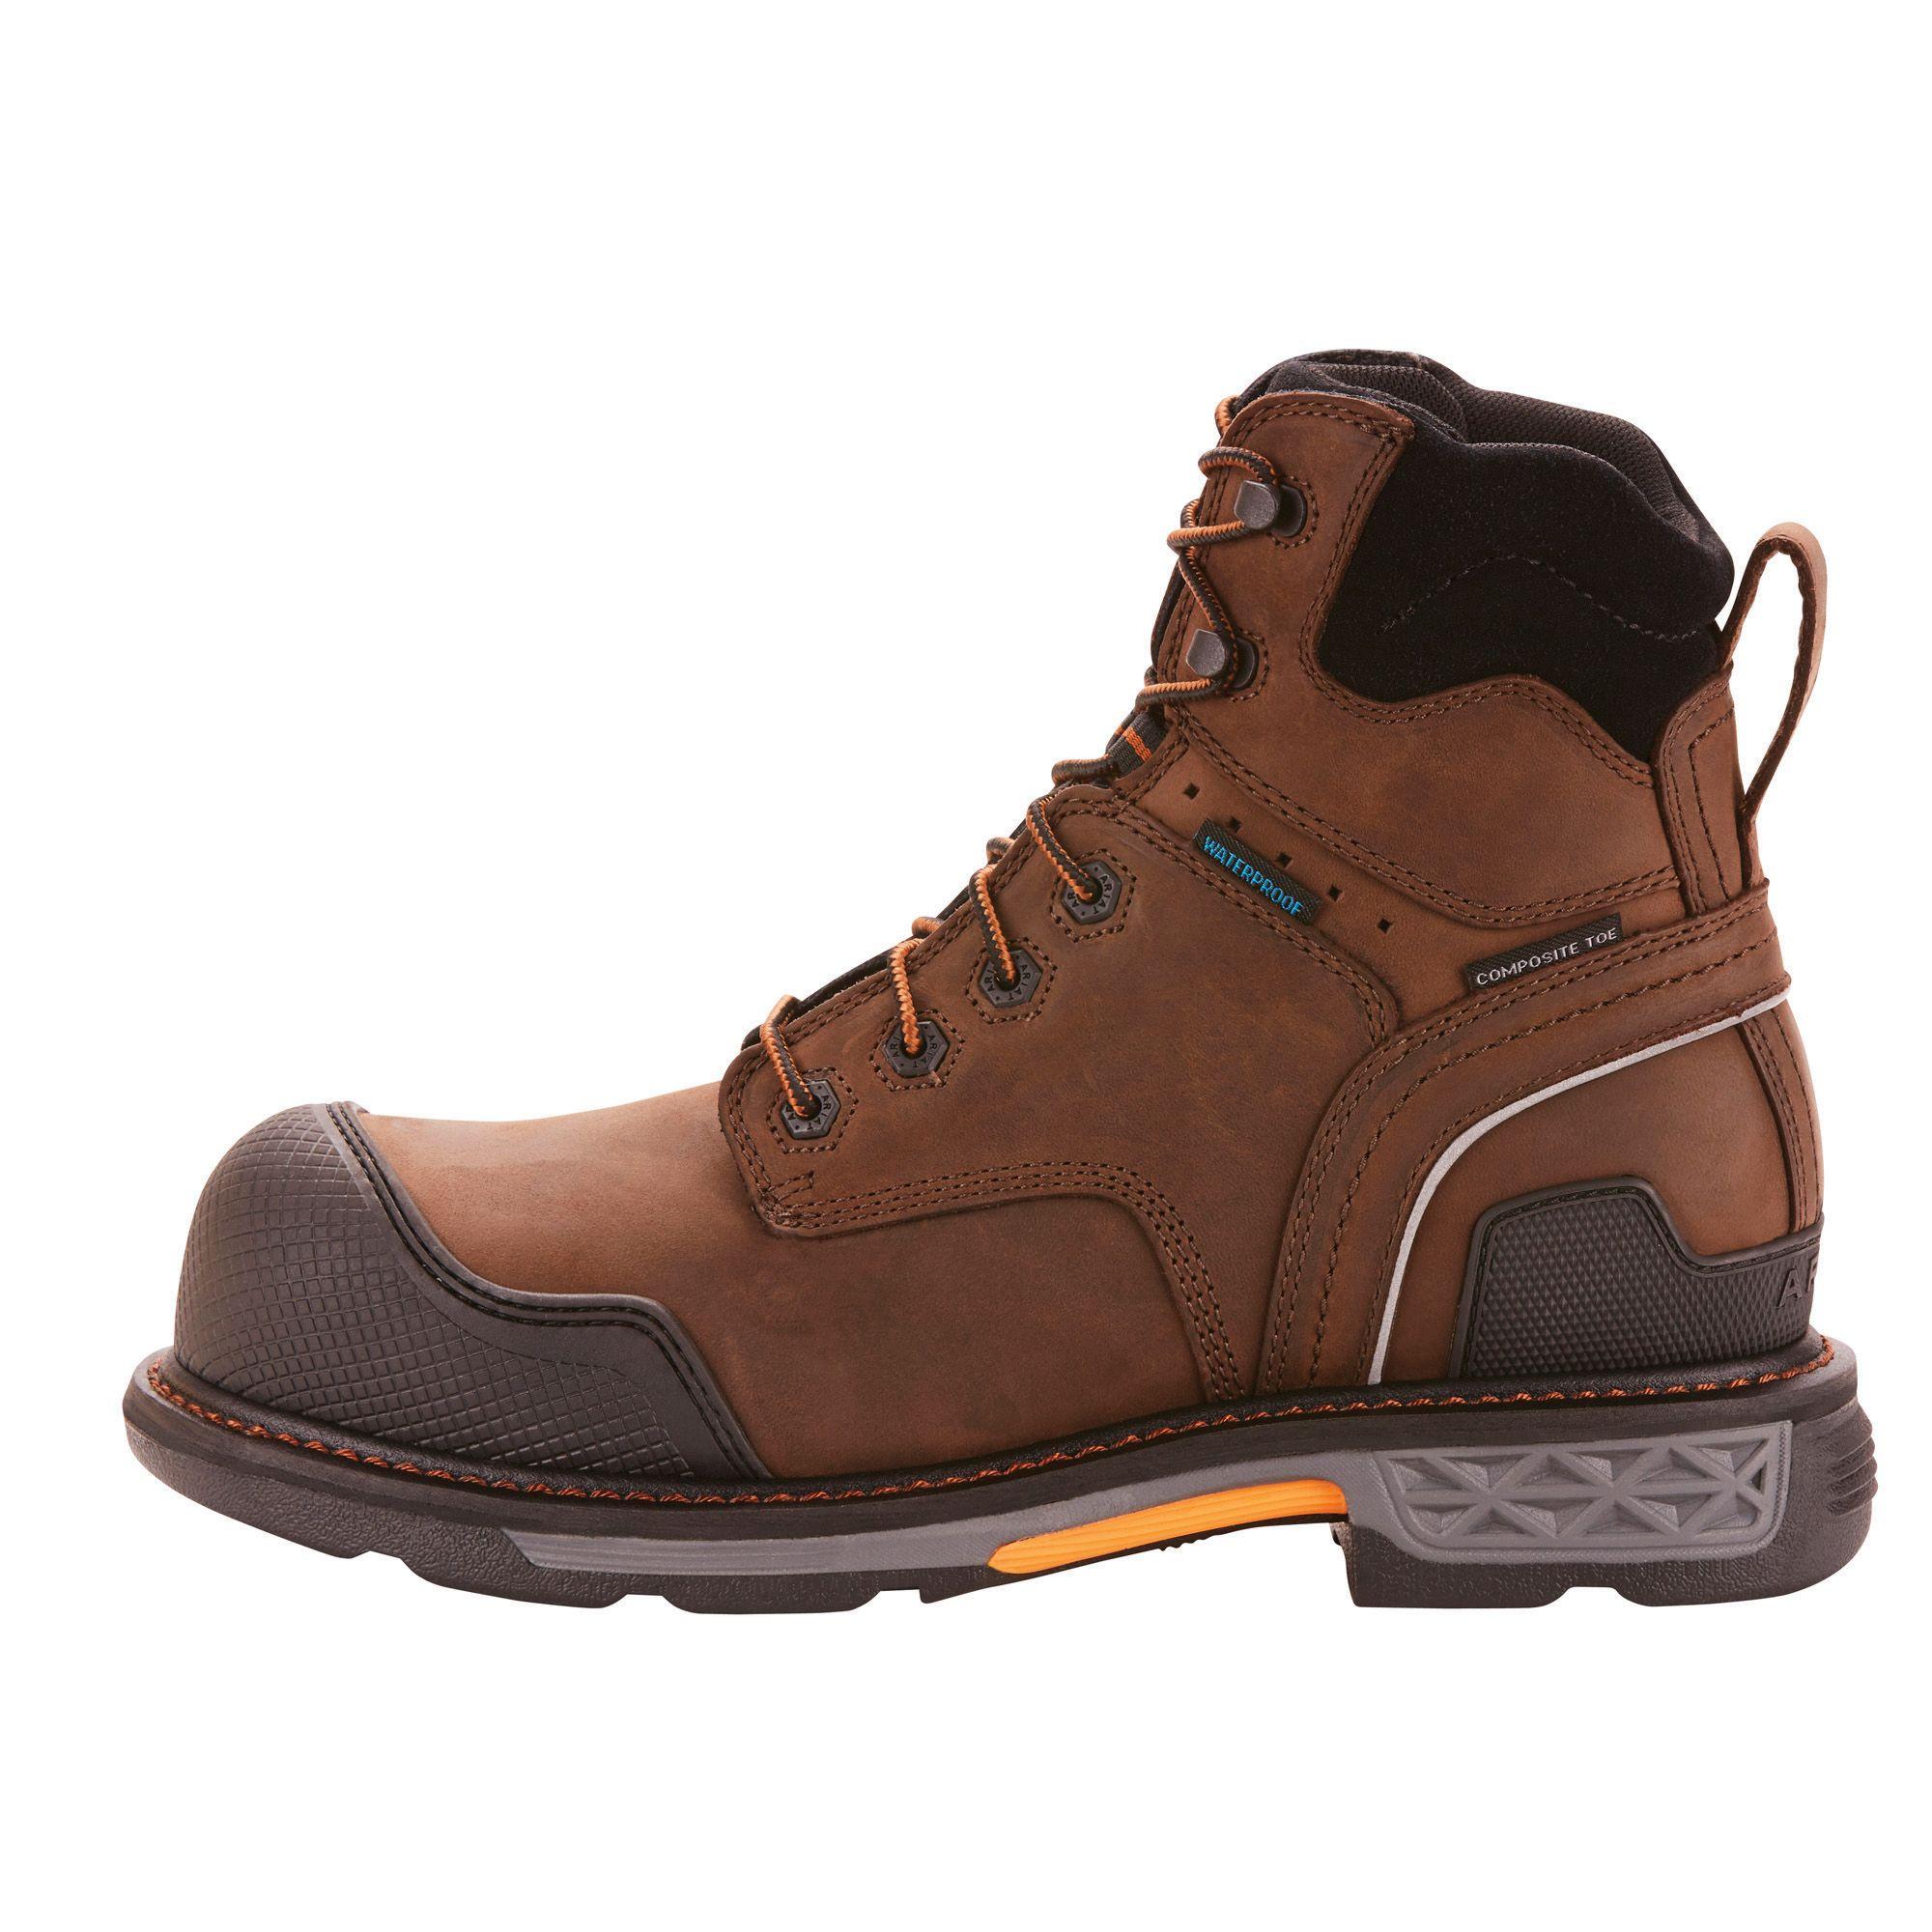 Overdrive Xtr 6 Waterproof Composite Toe Work Boot Composite Toe Work Boots Brown Leather Leather